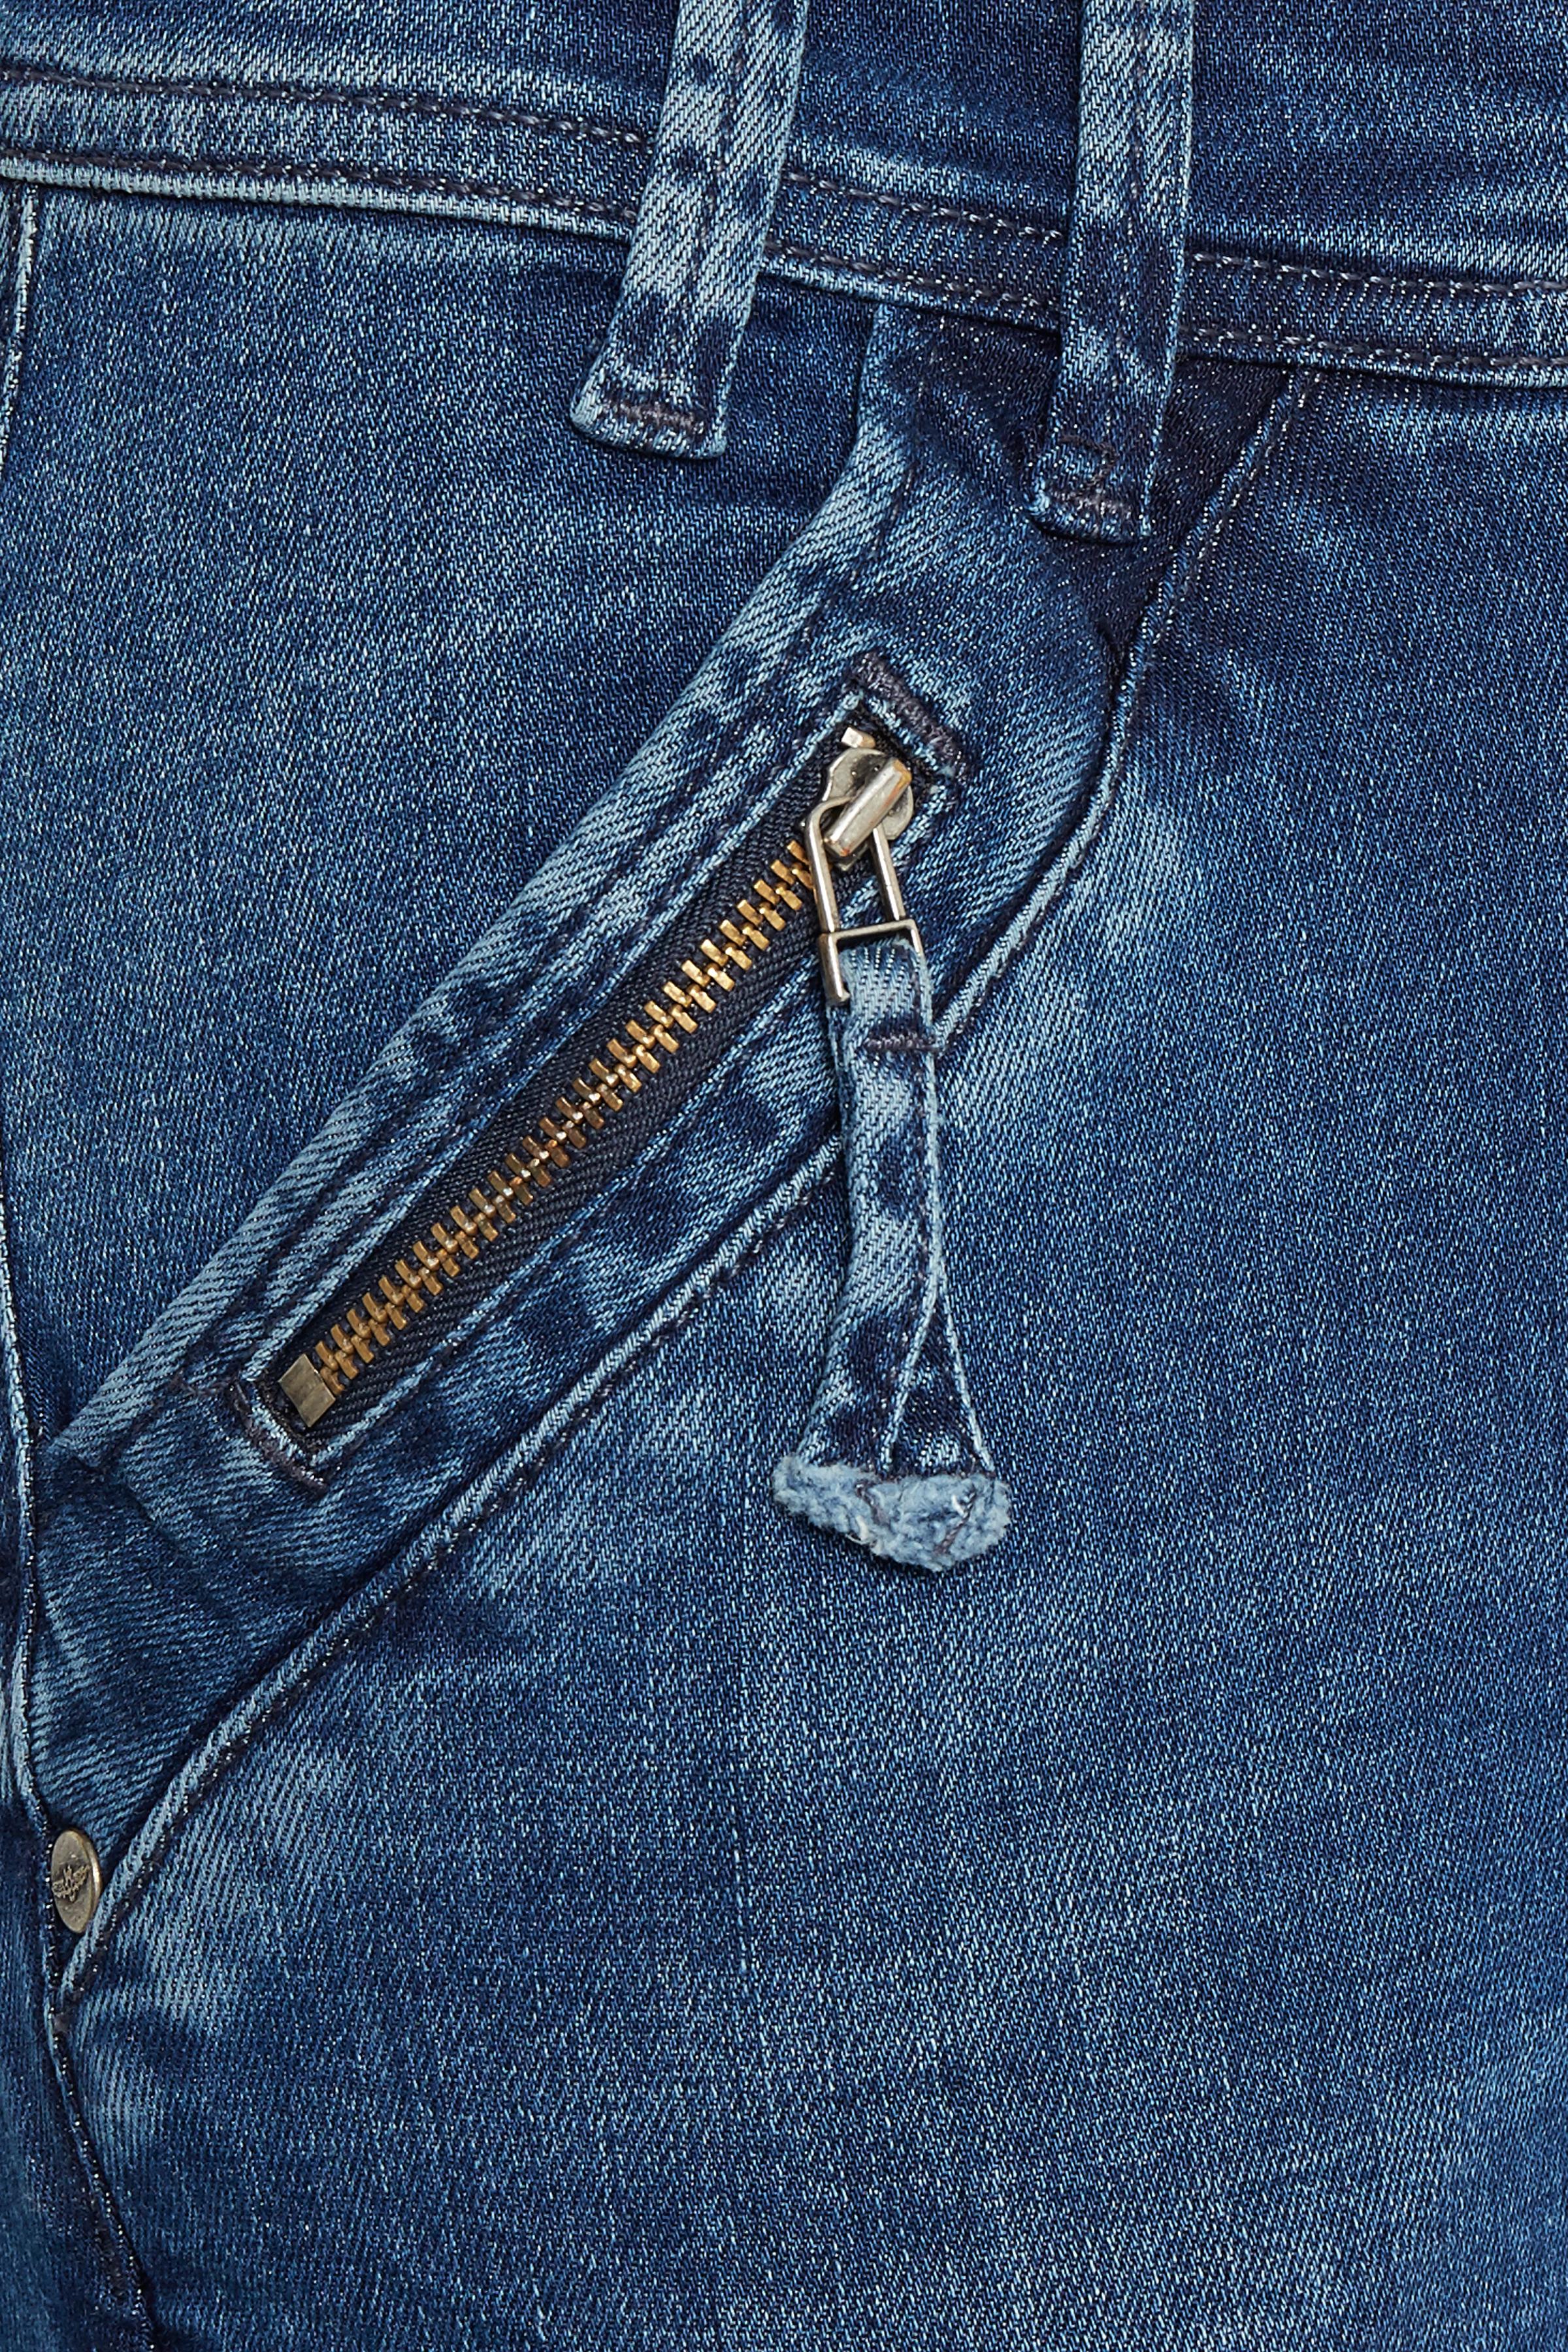 Denimblå Jeans från Denim Hunter – Köp Denimblå Jeans från stl. 25-35 här